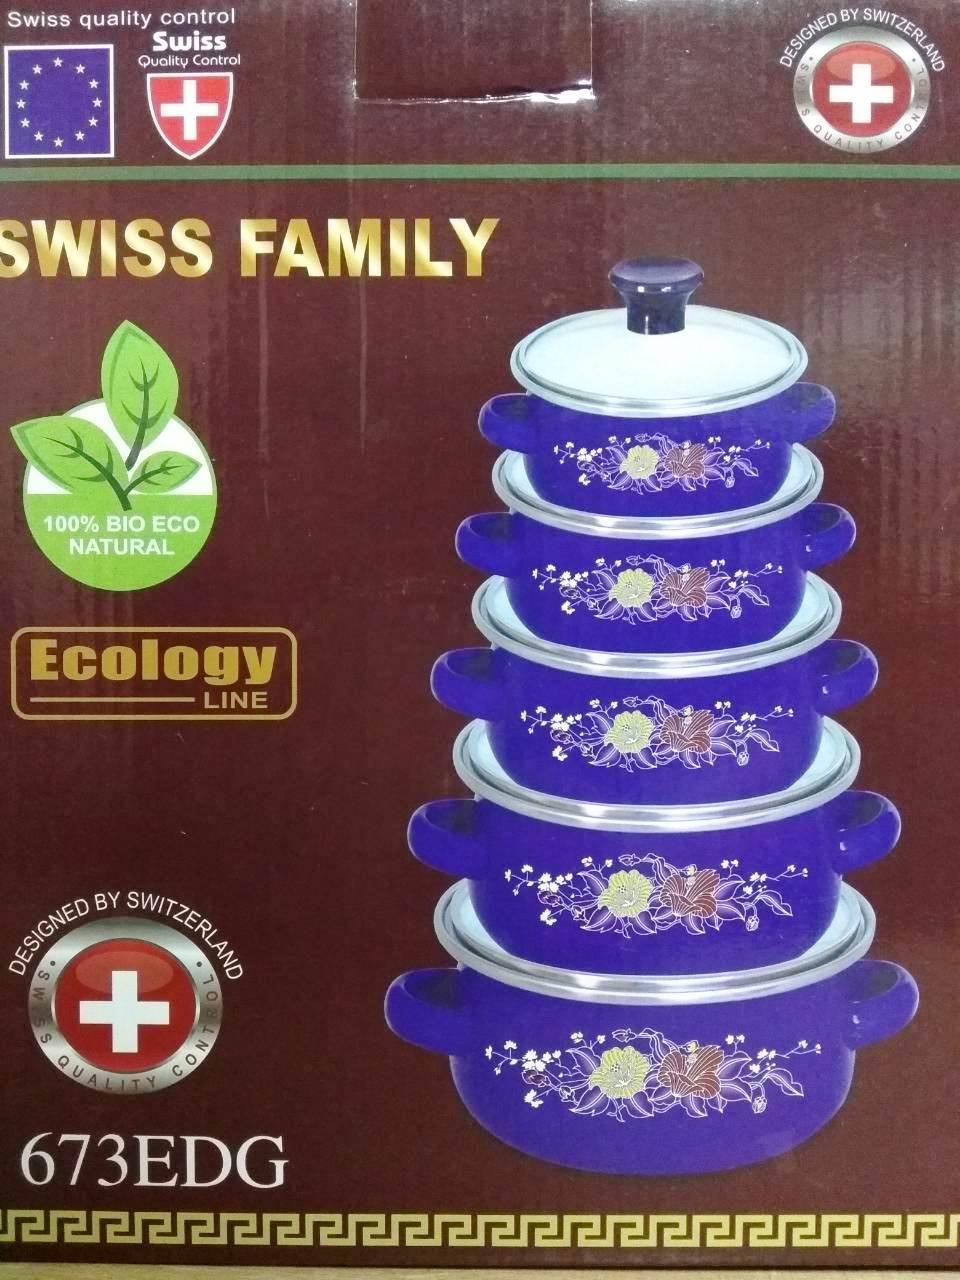 Набір емальованих каструль 5 штук зі скляною кришкою Swiss Family SF-673